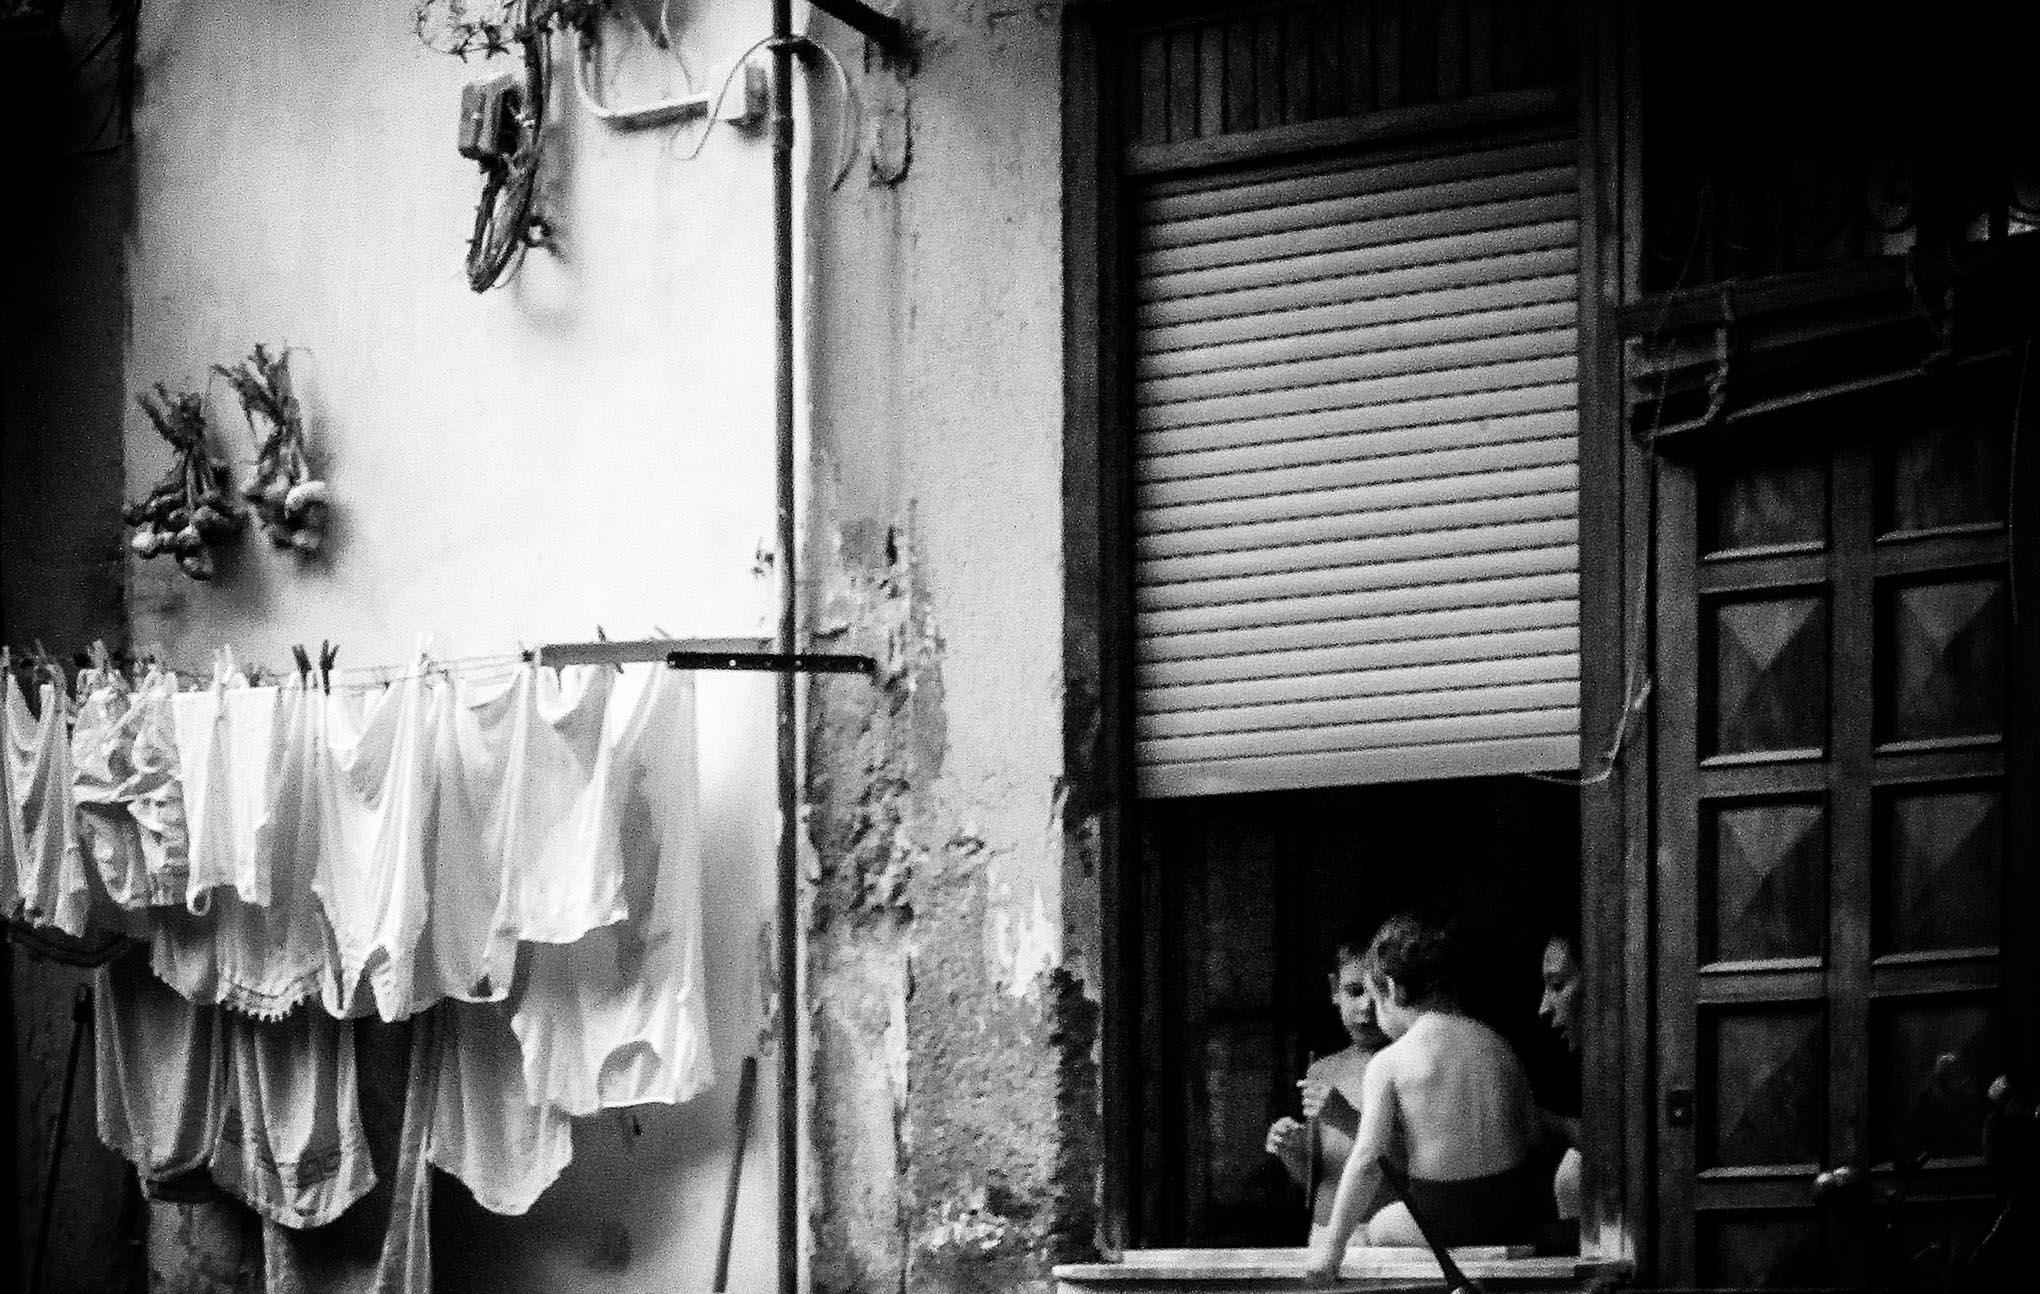 Twee jongens en hun moeden zichtbaar aan een raam in een achterbuurt in Napels.